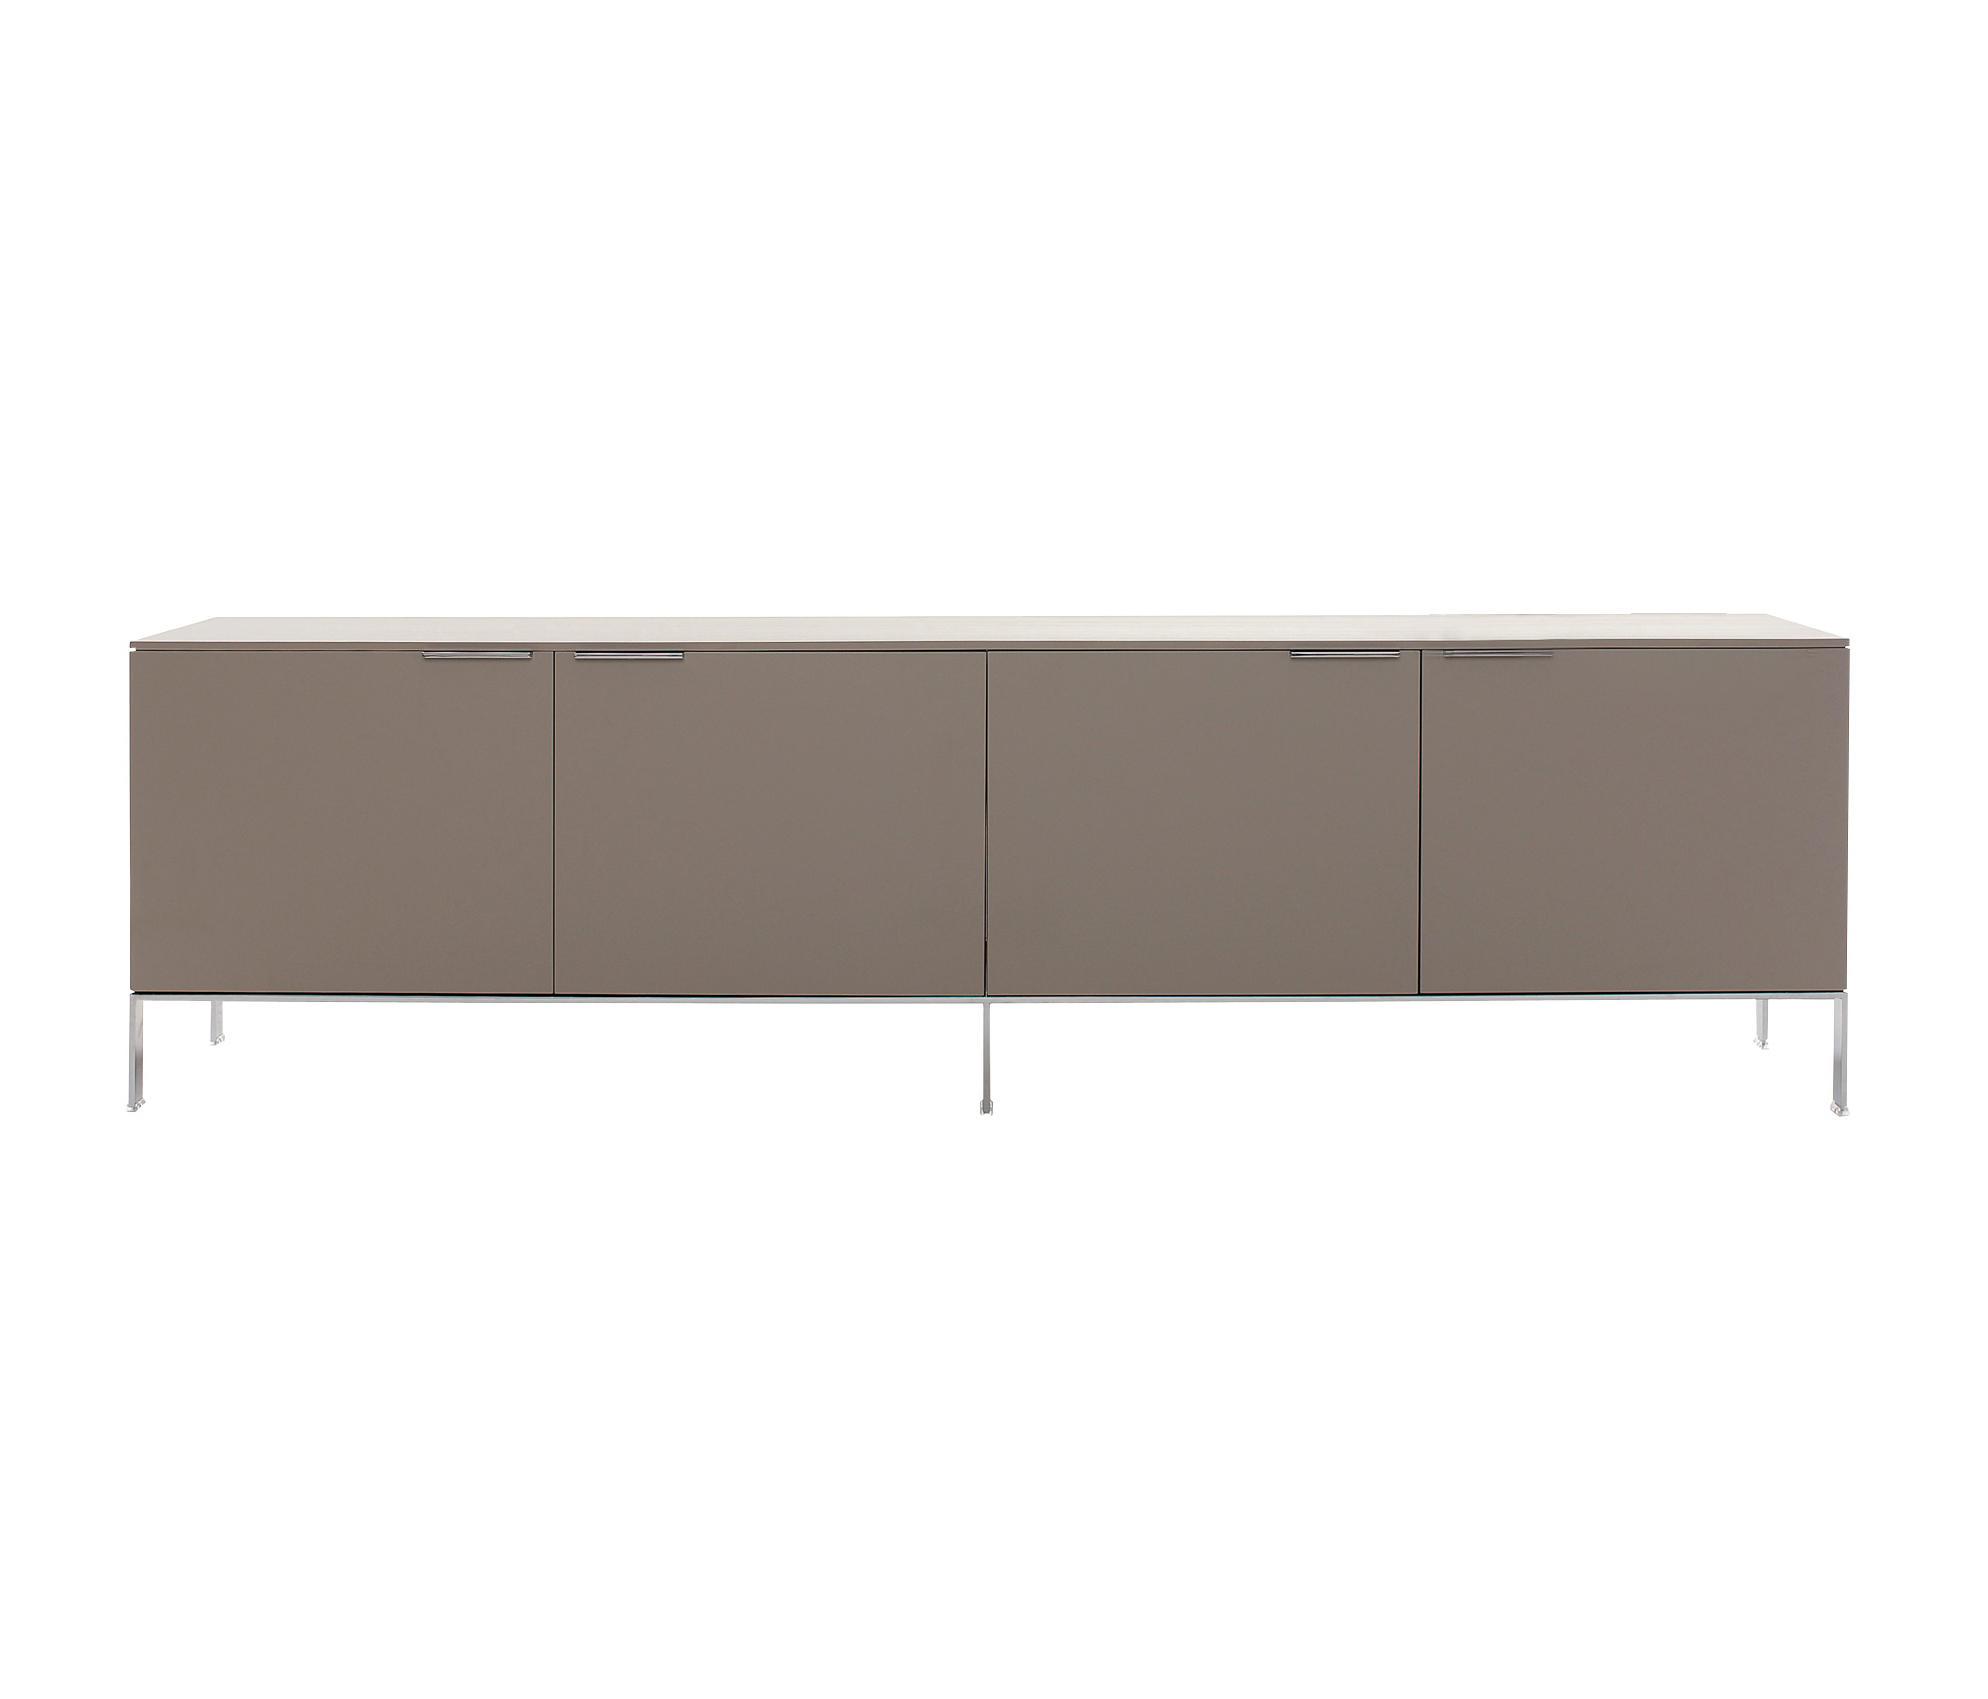 储物|储物柜|创意家具|现代家居|时尚家具|设计师家具|定制家具|实木家具|Brest Giorno橱柜